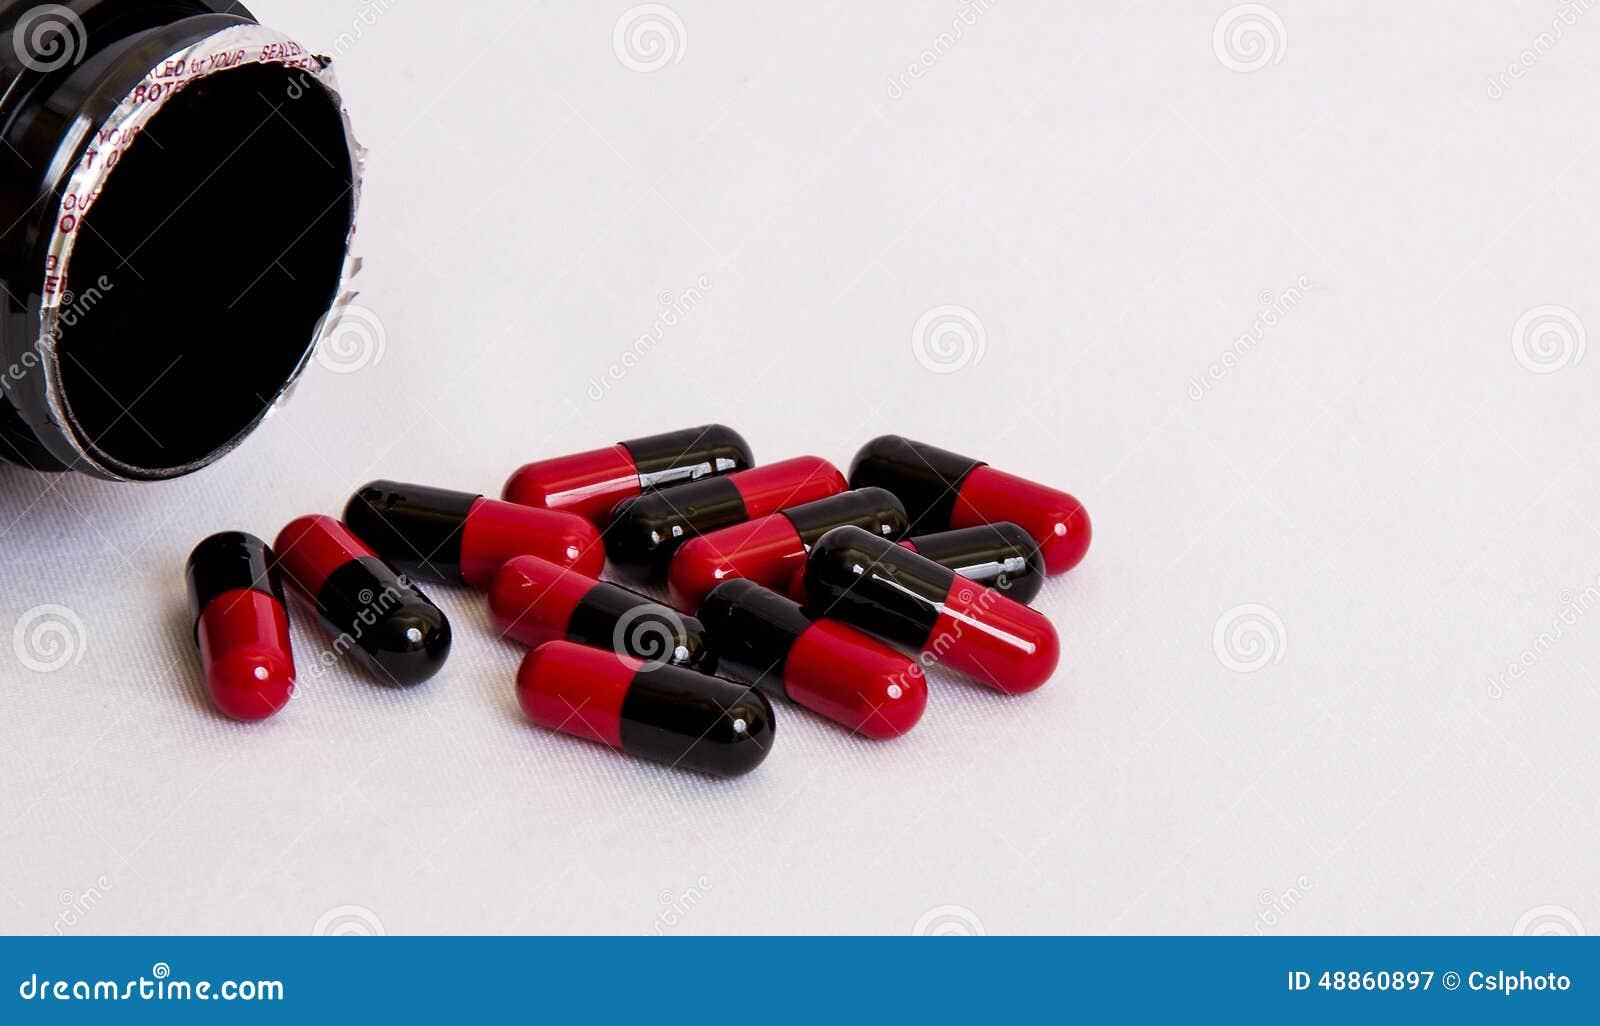 schwarz rot medikament pillenwurf vom kasten auf wei em hintergrund stockfoto bild 48860897. Black Bedroom Furniture Sets. Home Design Ideas